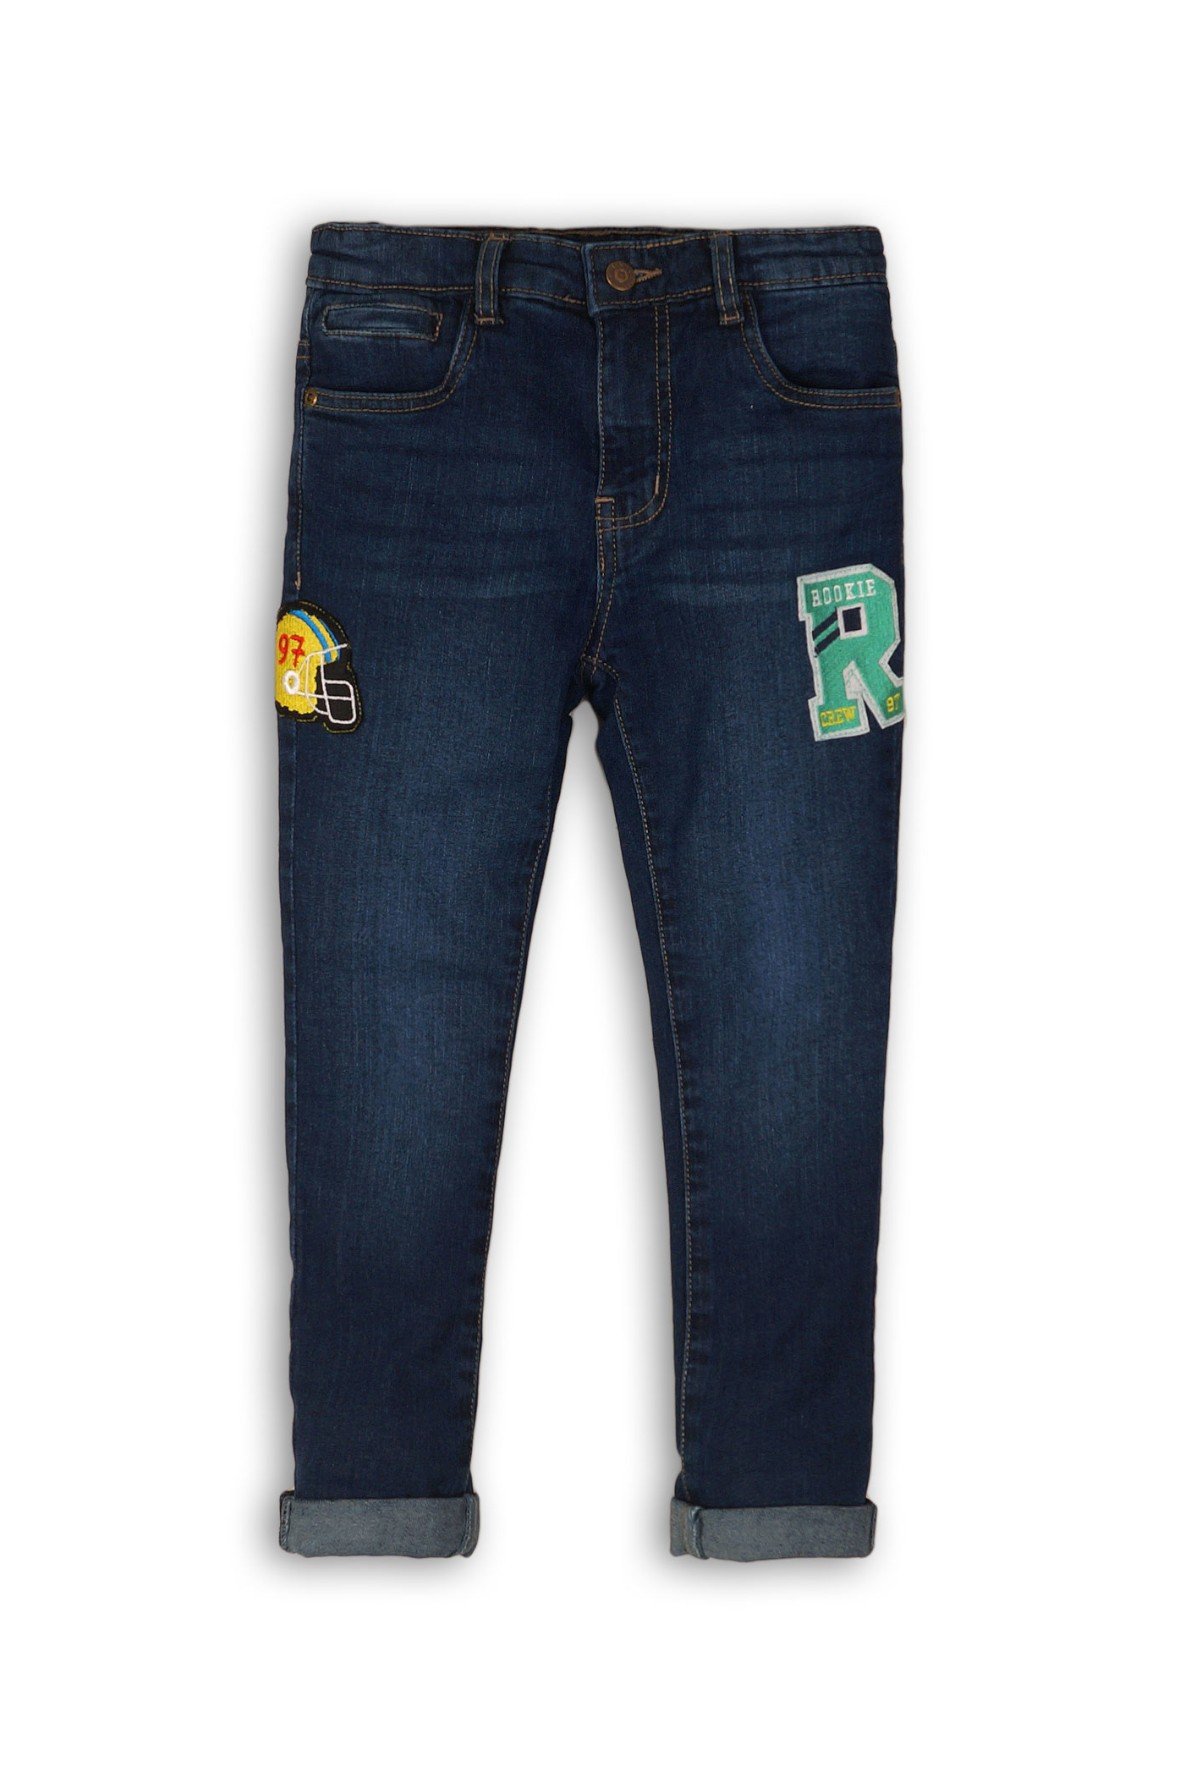 Spodnie chłopięce jeansowe z naszywkami